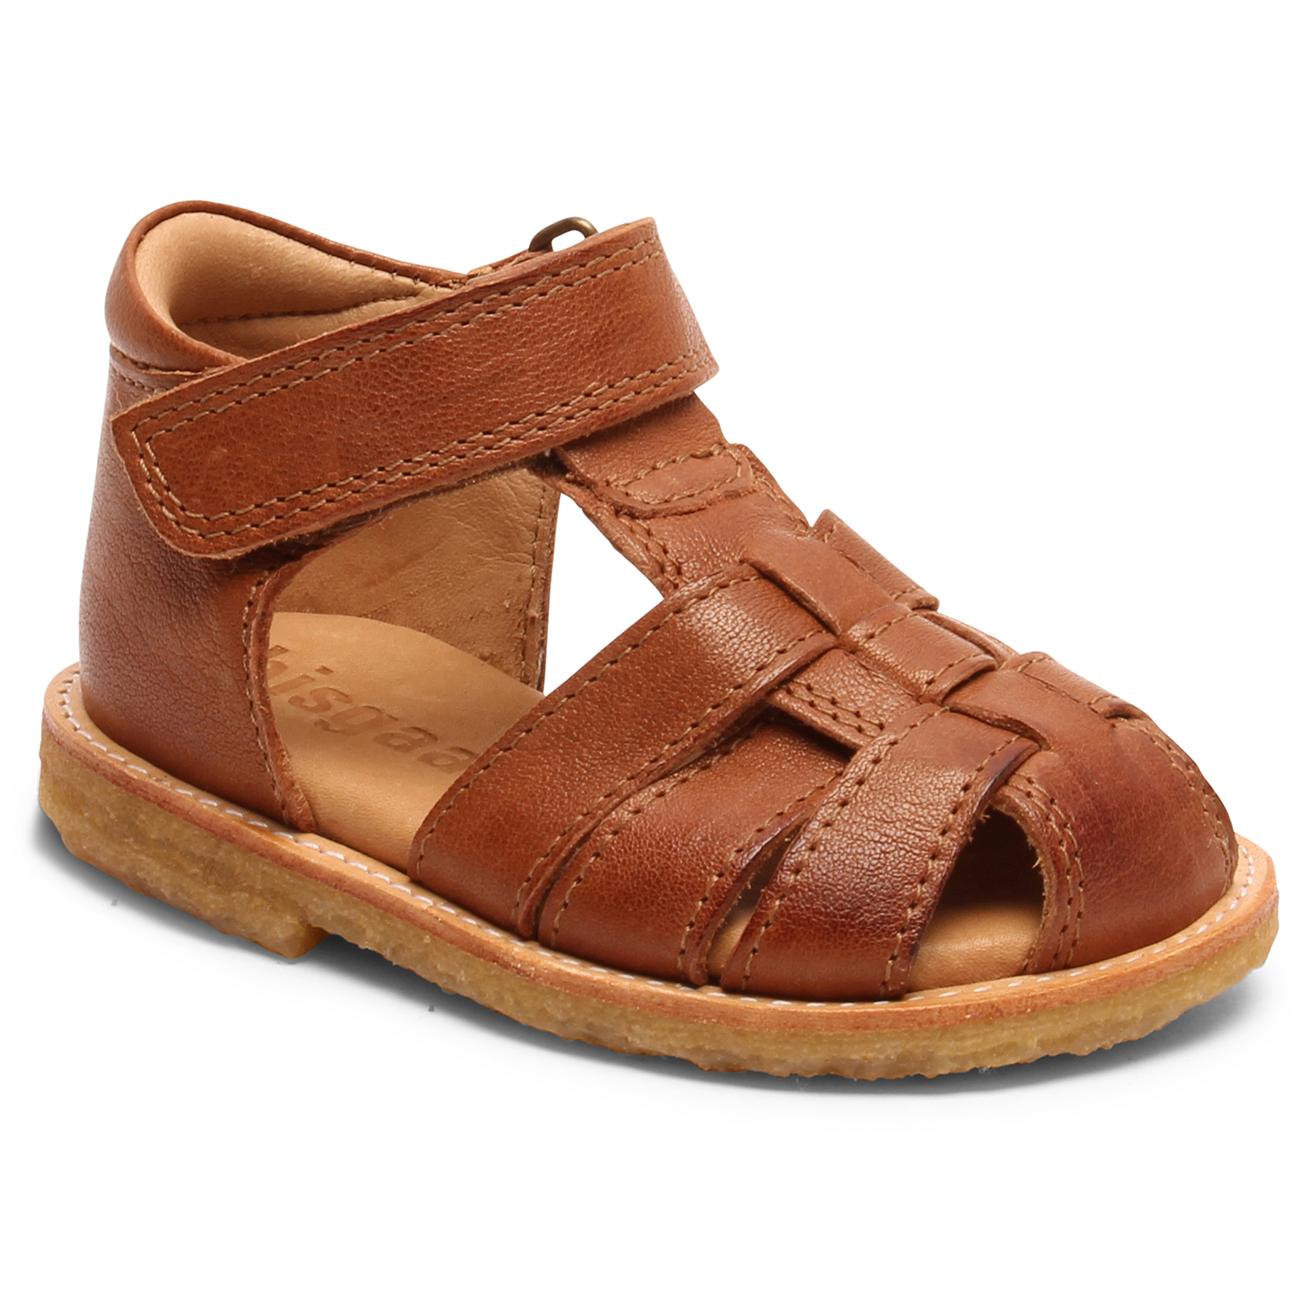 7fe5077d7d2e Bisgaard Sandal Natural Crepe Rubber Cognac